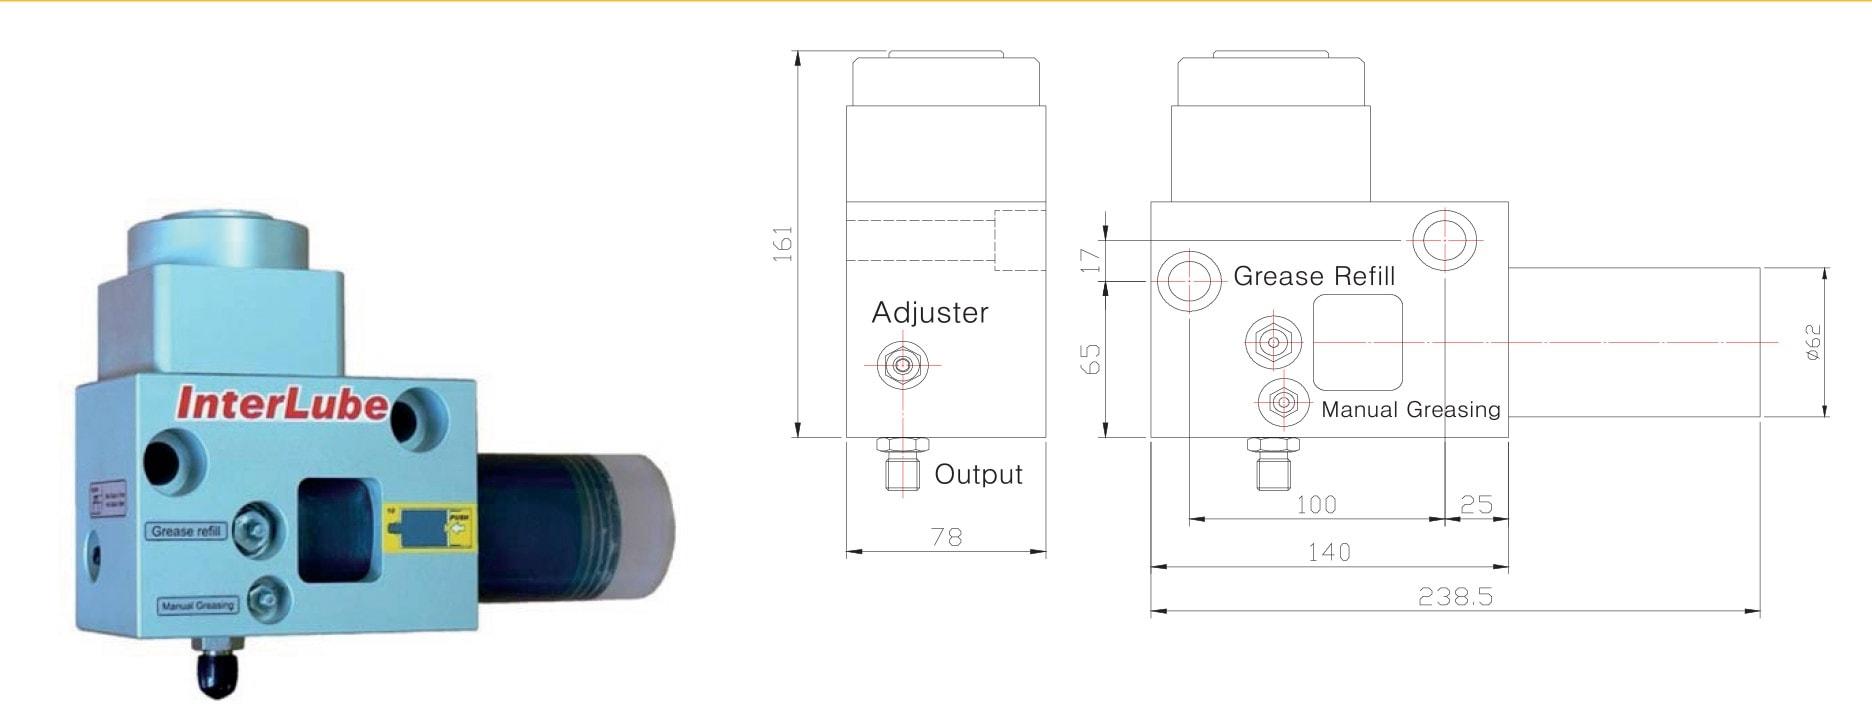 Breaker lubrication grease pump